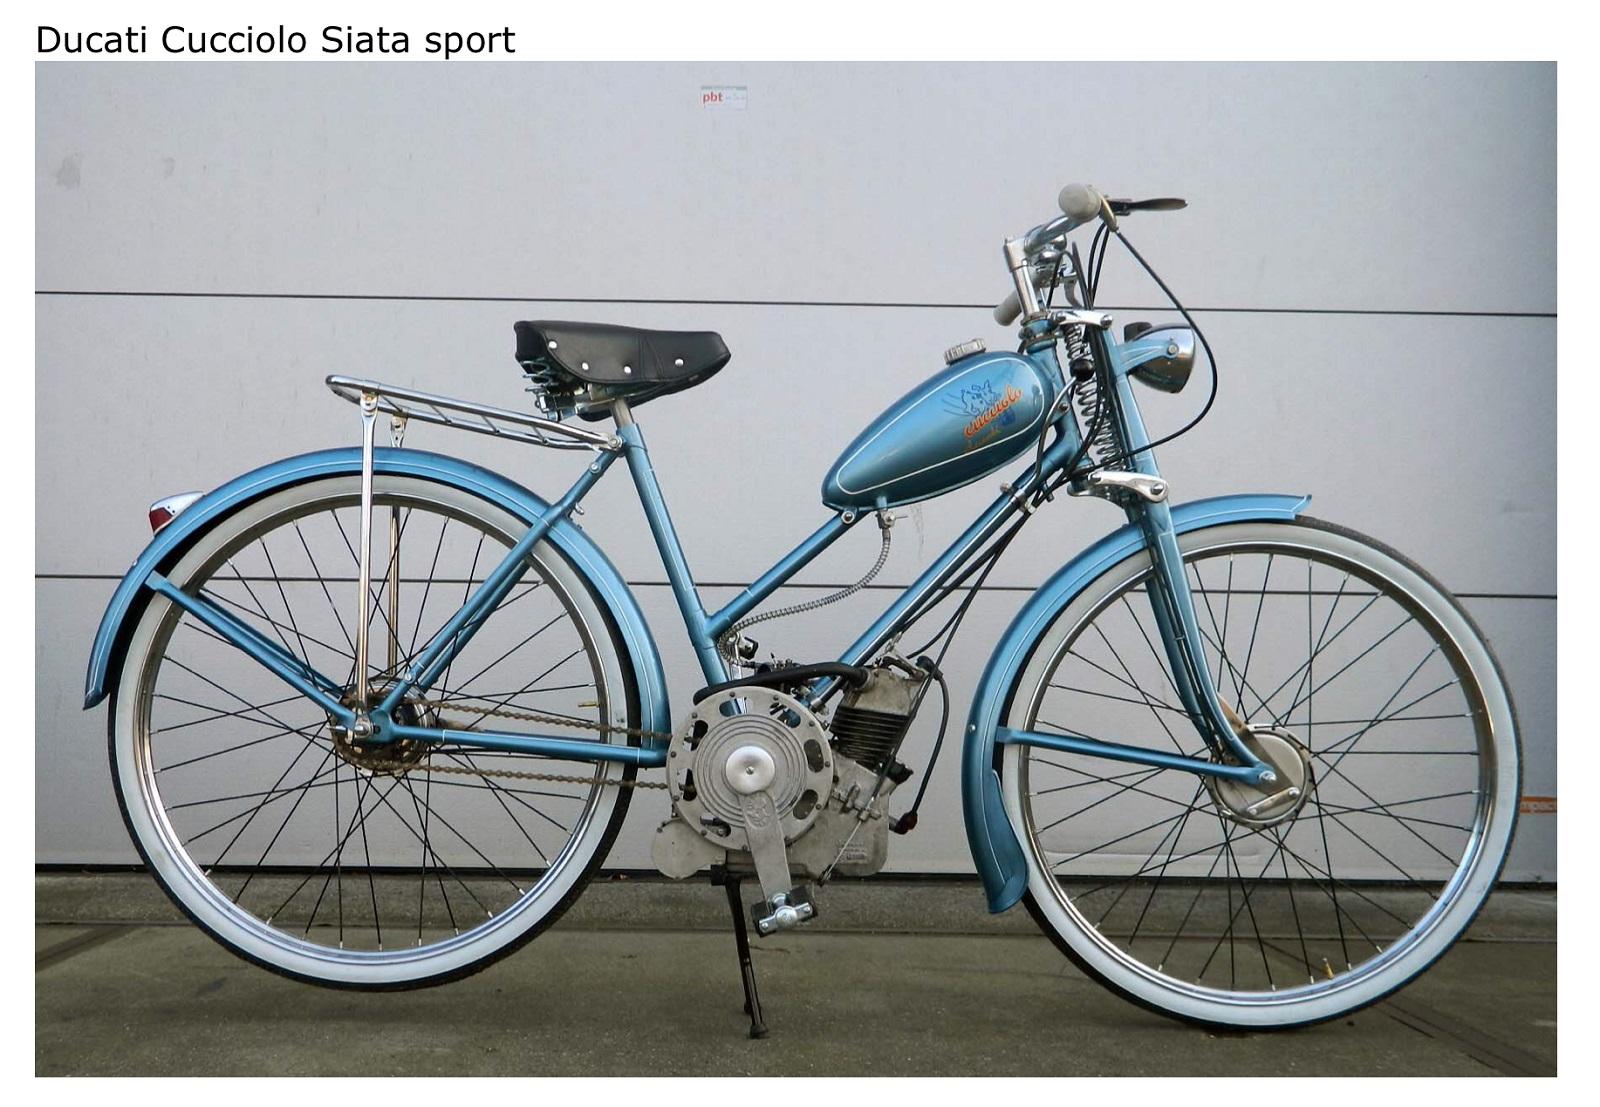 Ducati_Cucciolo